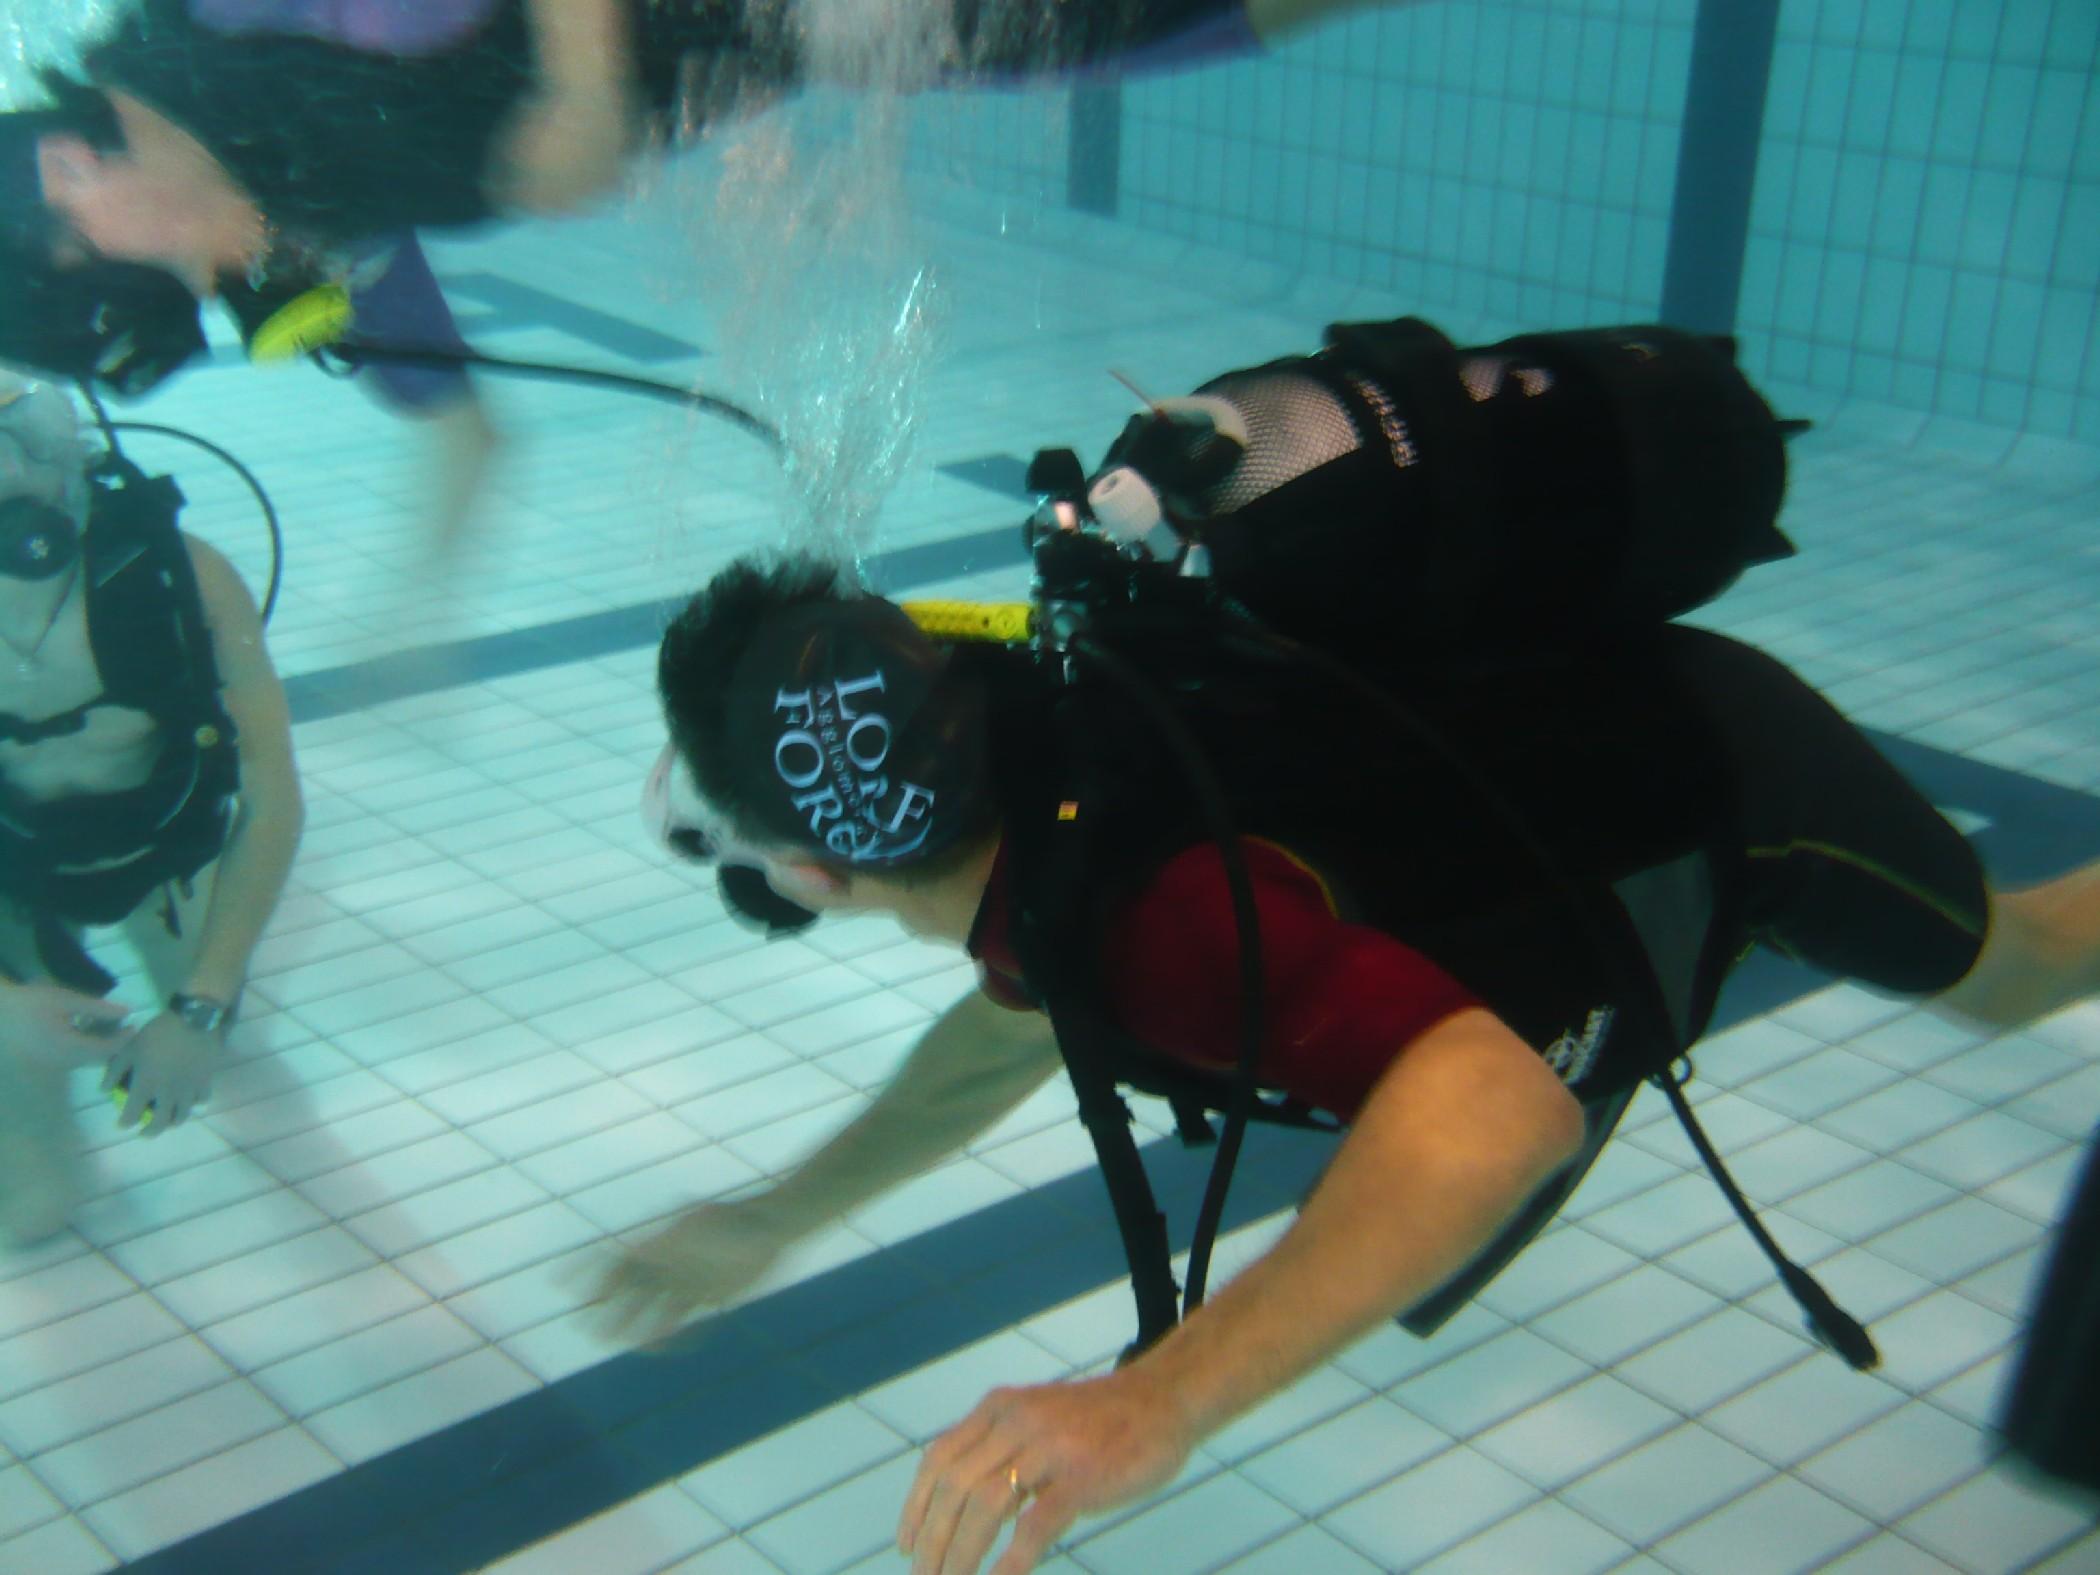 piscine-27-jan-2009-3